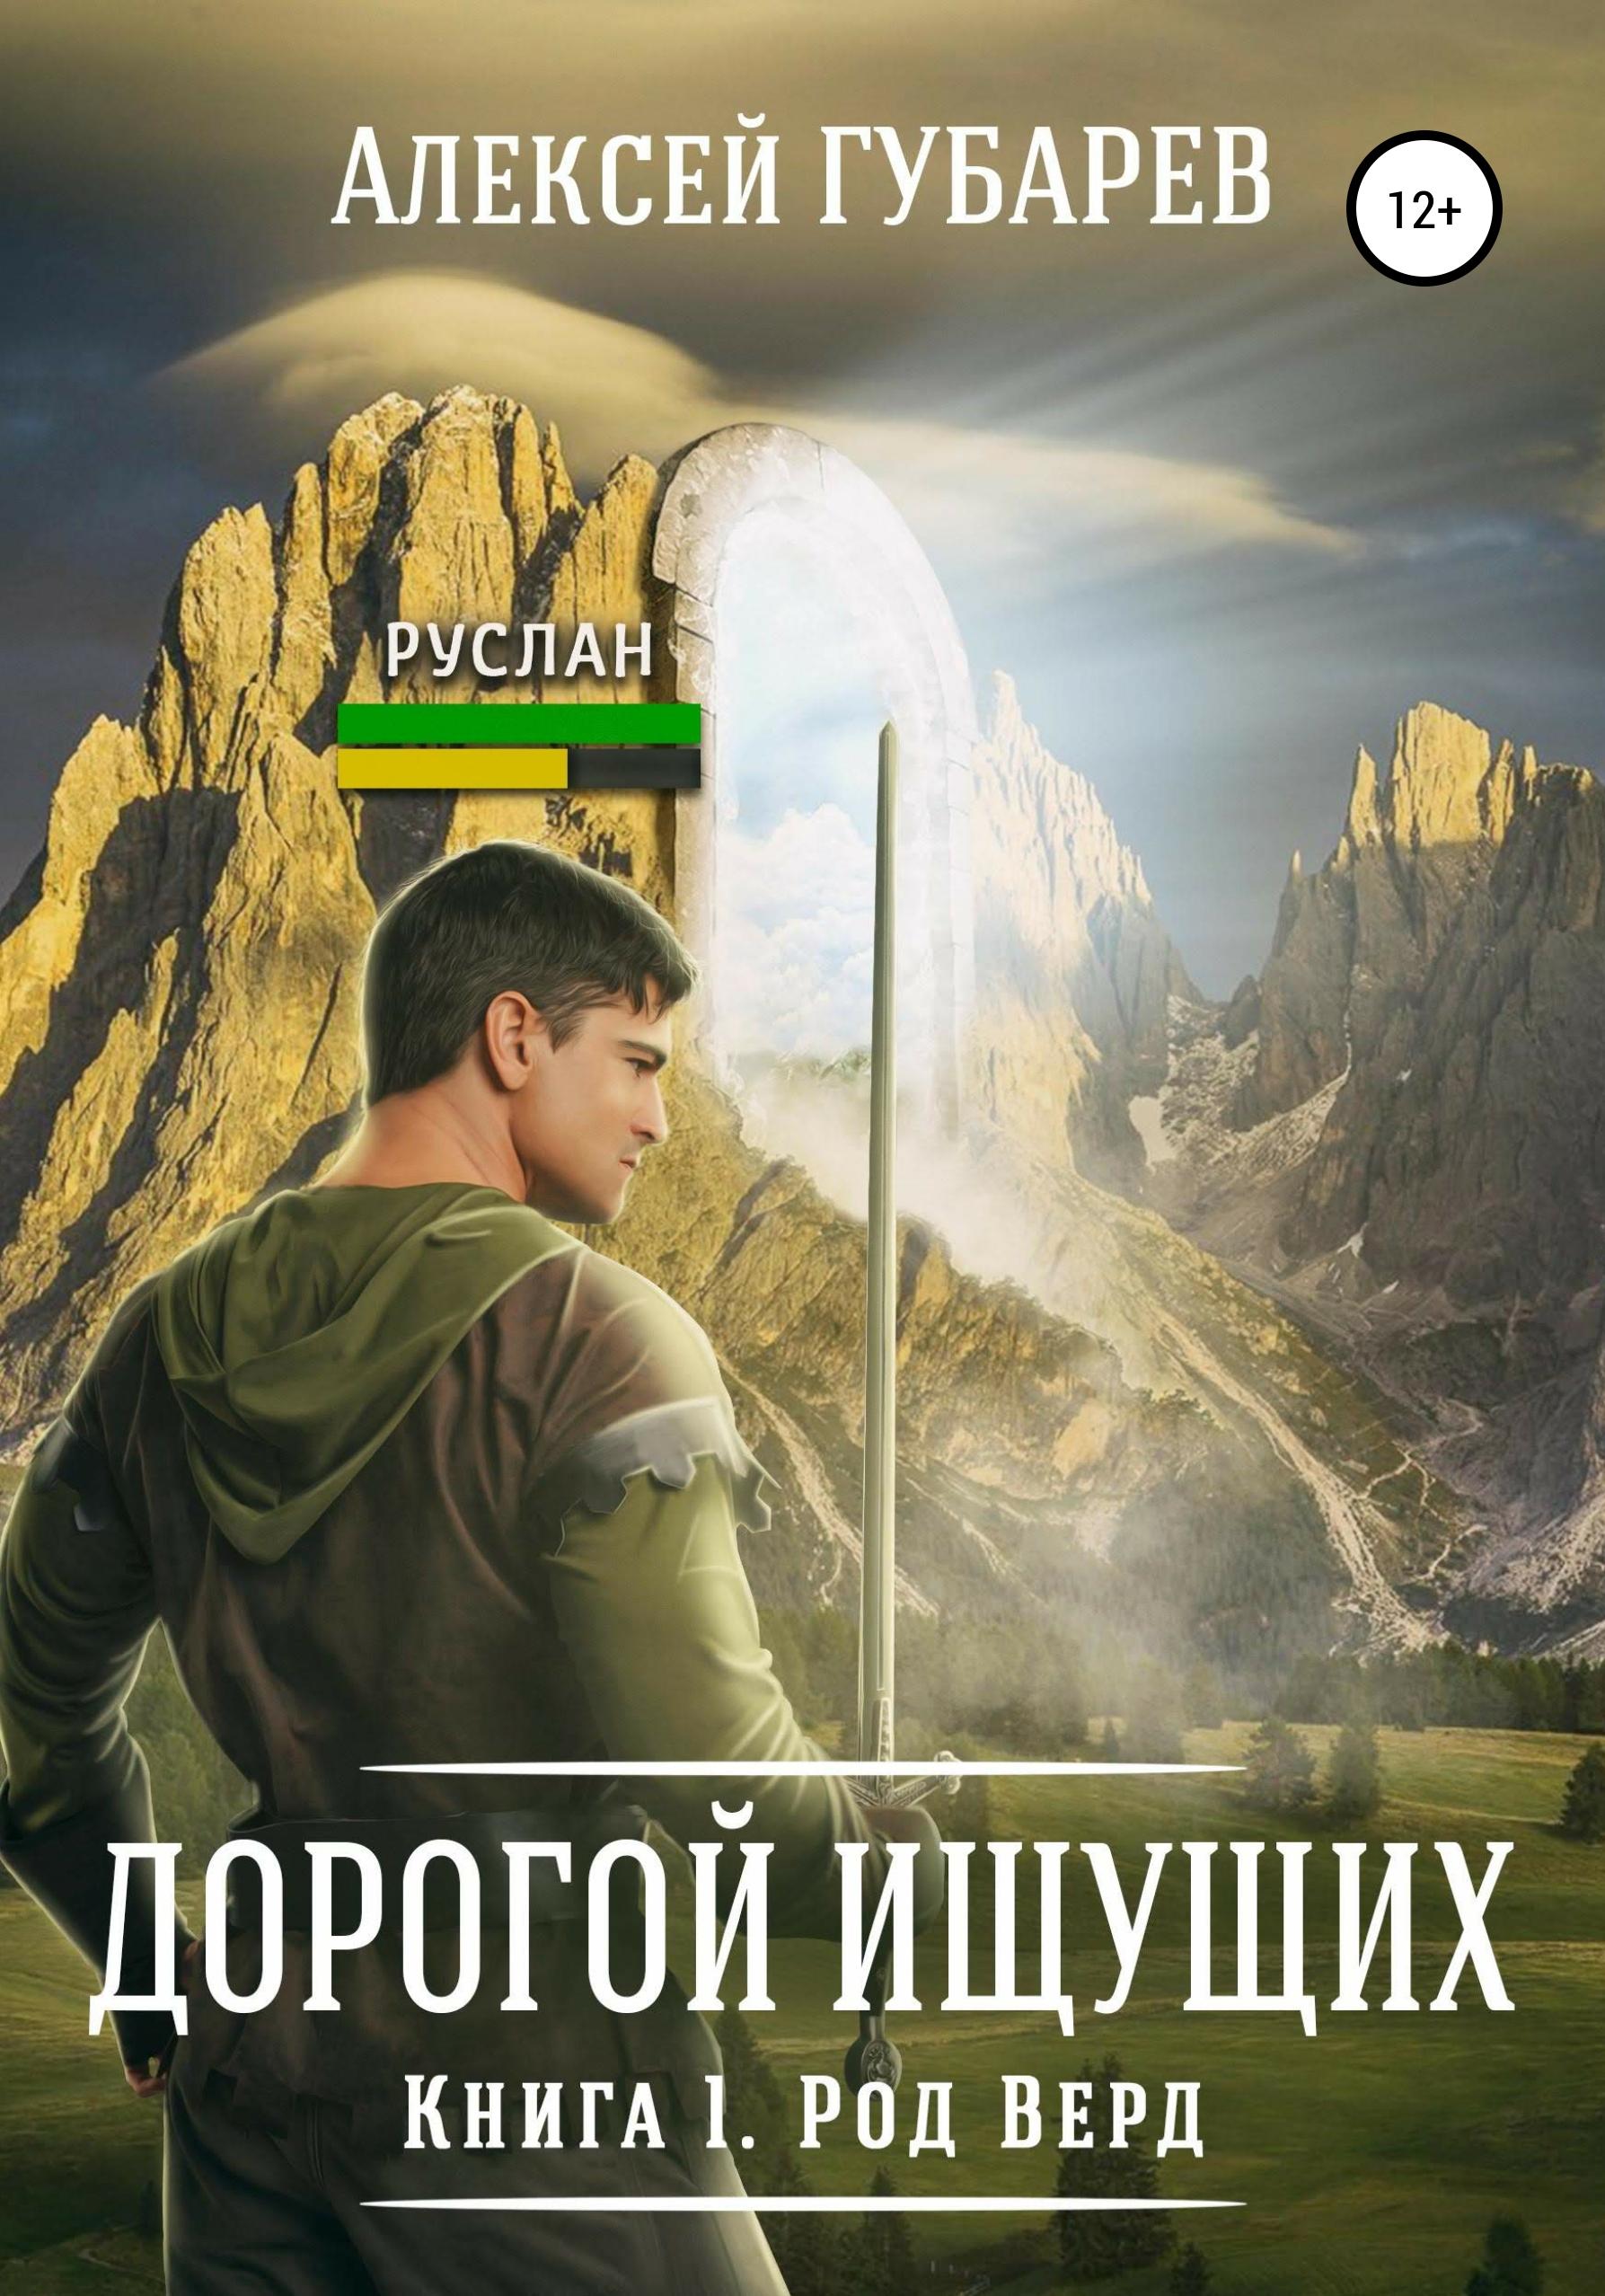 Алексей Александрович Губарев Первый Этап